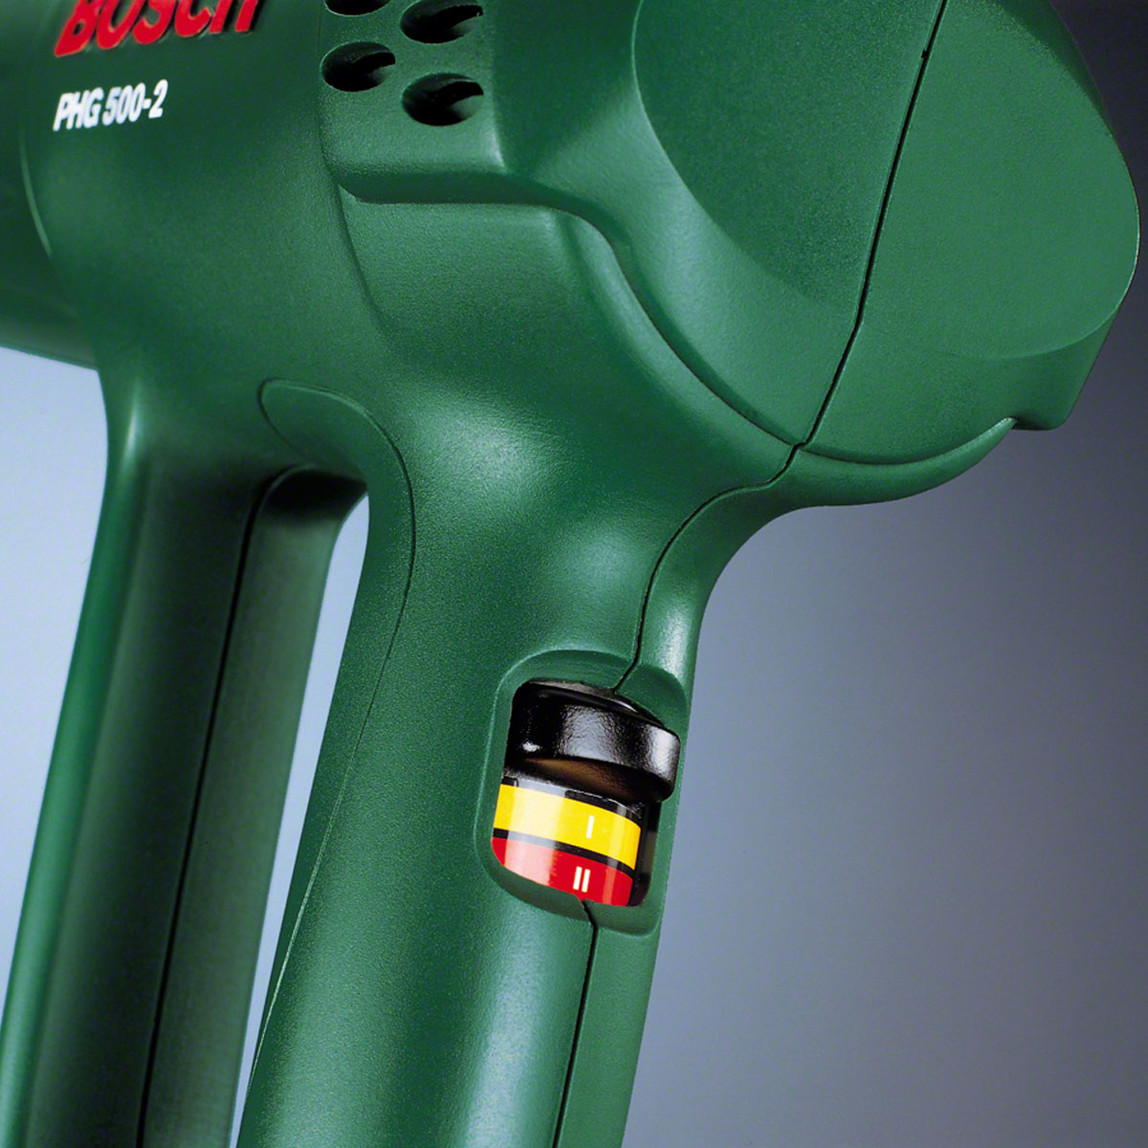 Bosch PHG 500-2 1600W Sıcak Hava Tabancası